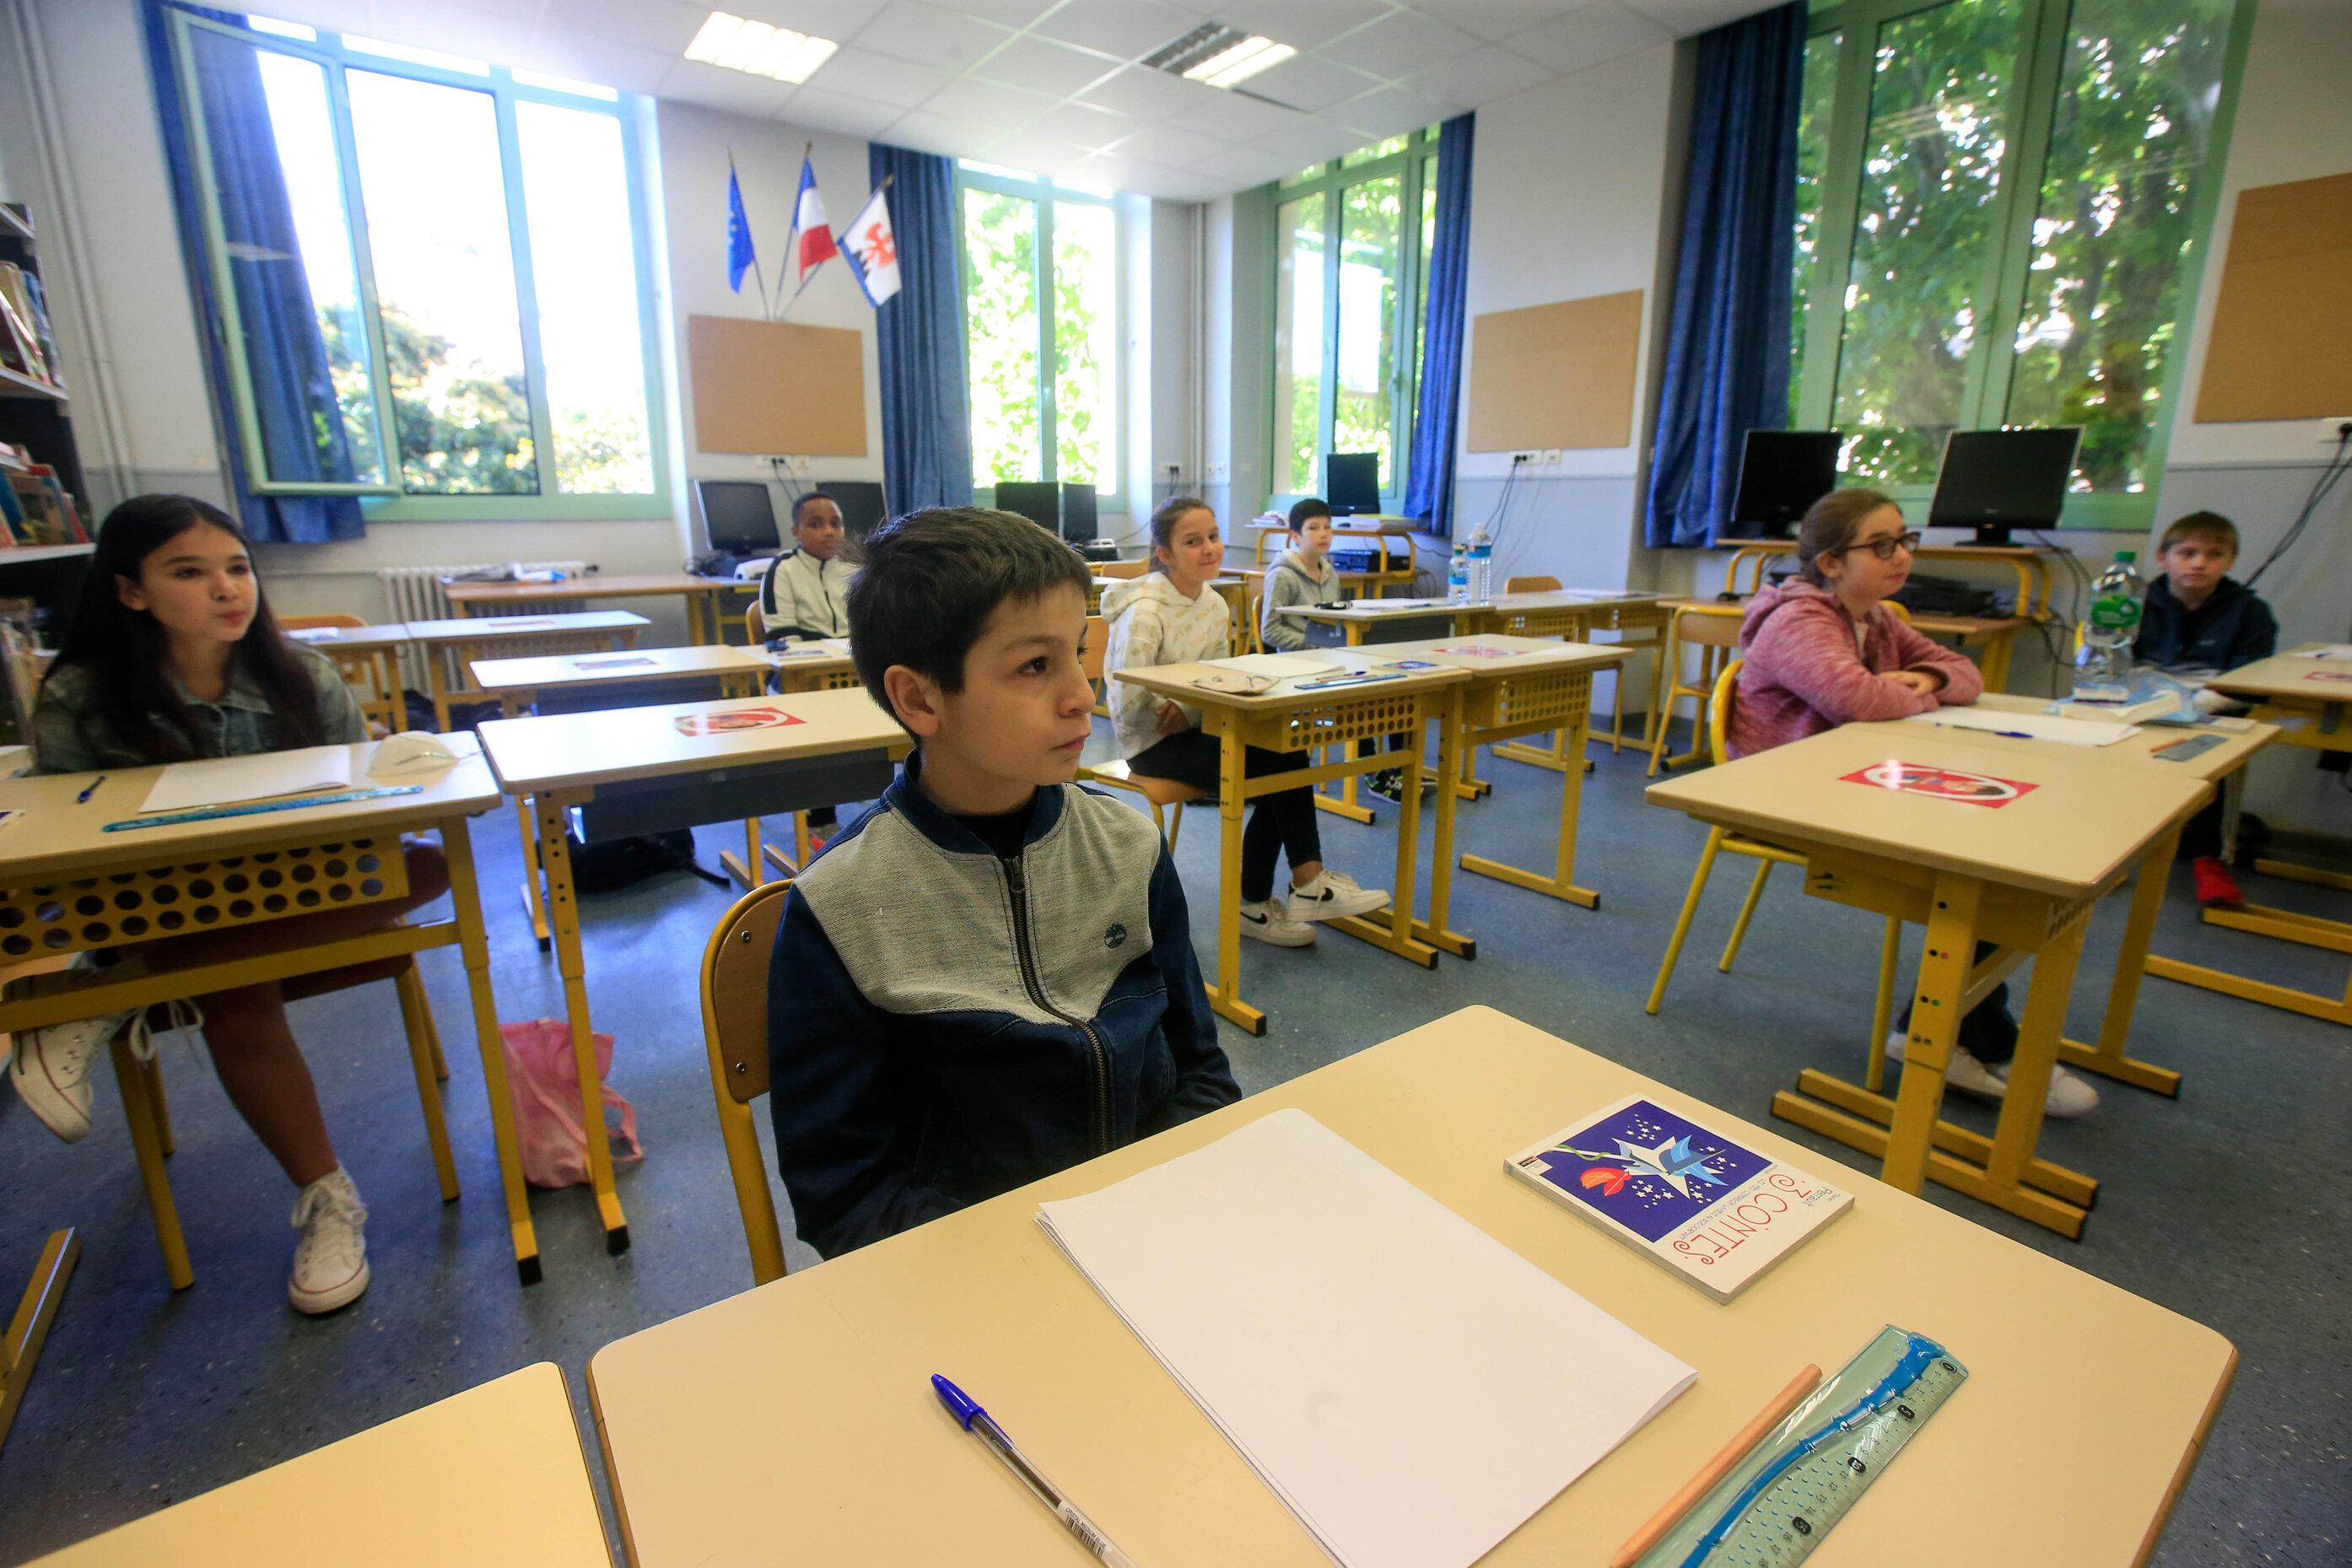 Primii elevi care revin în clase sunt cei din Franța și Begia. Chiar azi. În majoritatea ţărilor europene, anul şcolar începe în septembrie